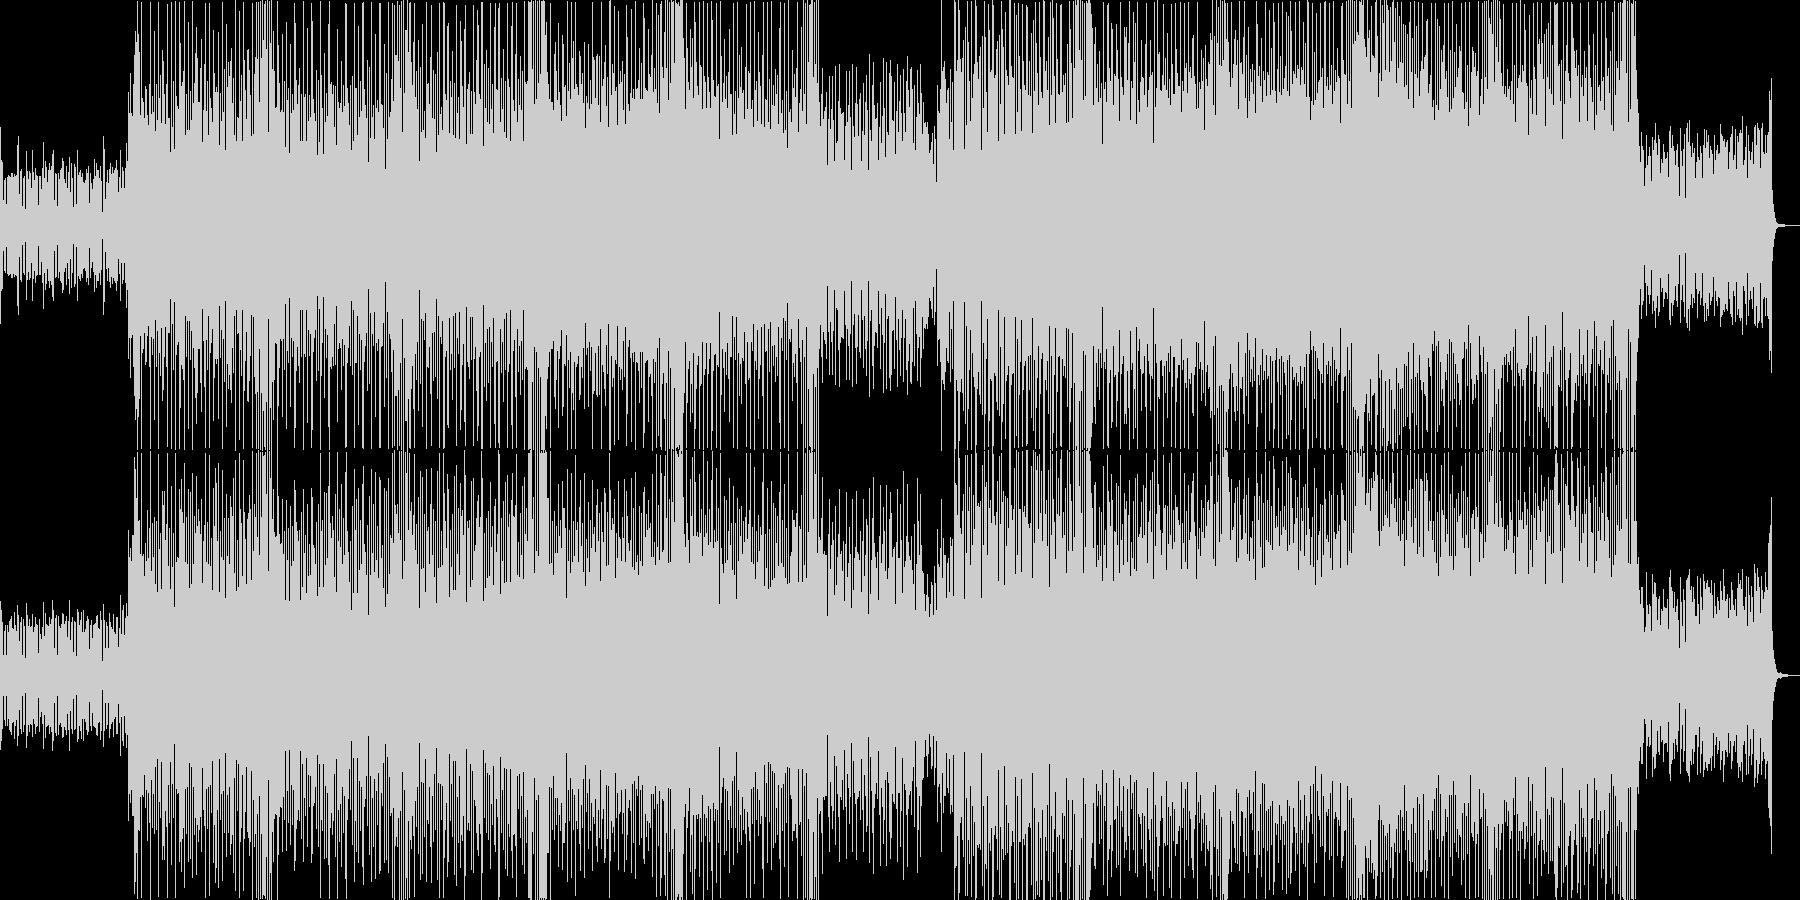 ファンタジーなシンセポップハウス系の未再生の波形